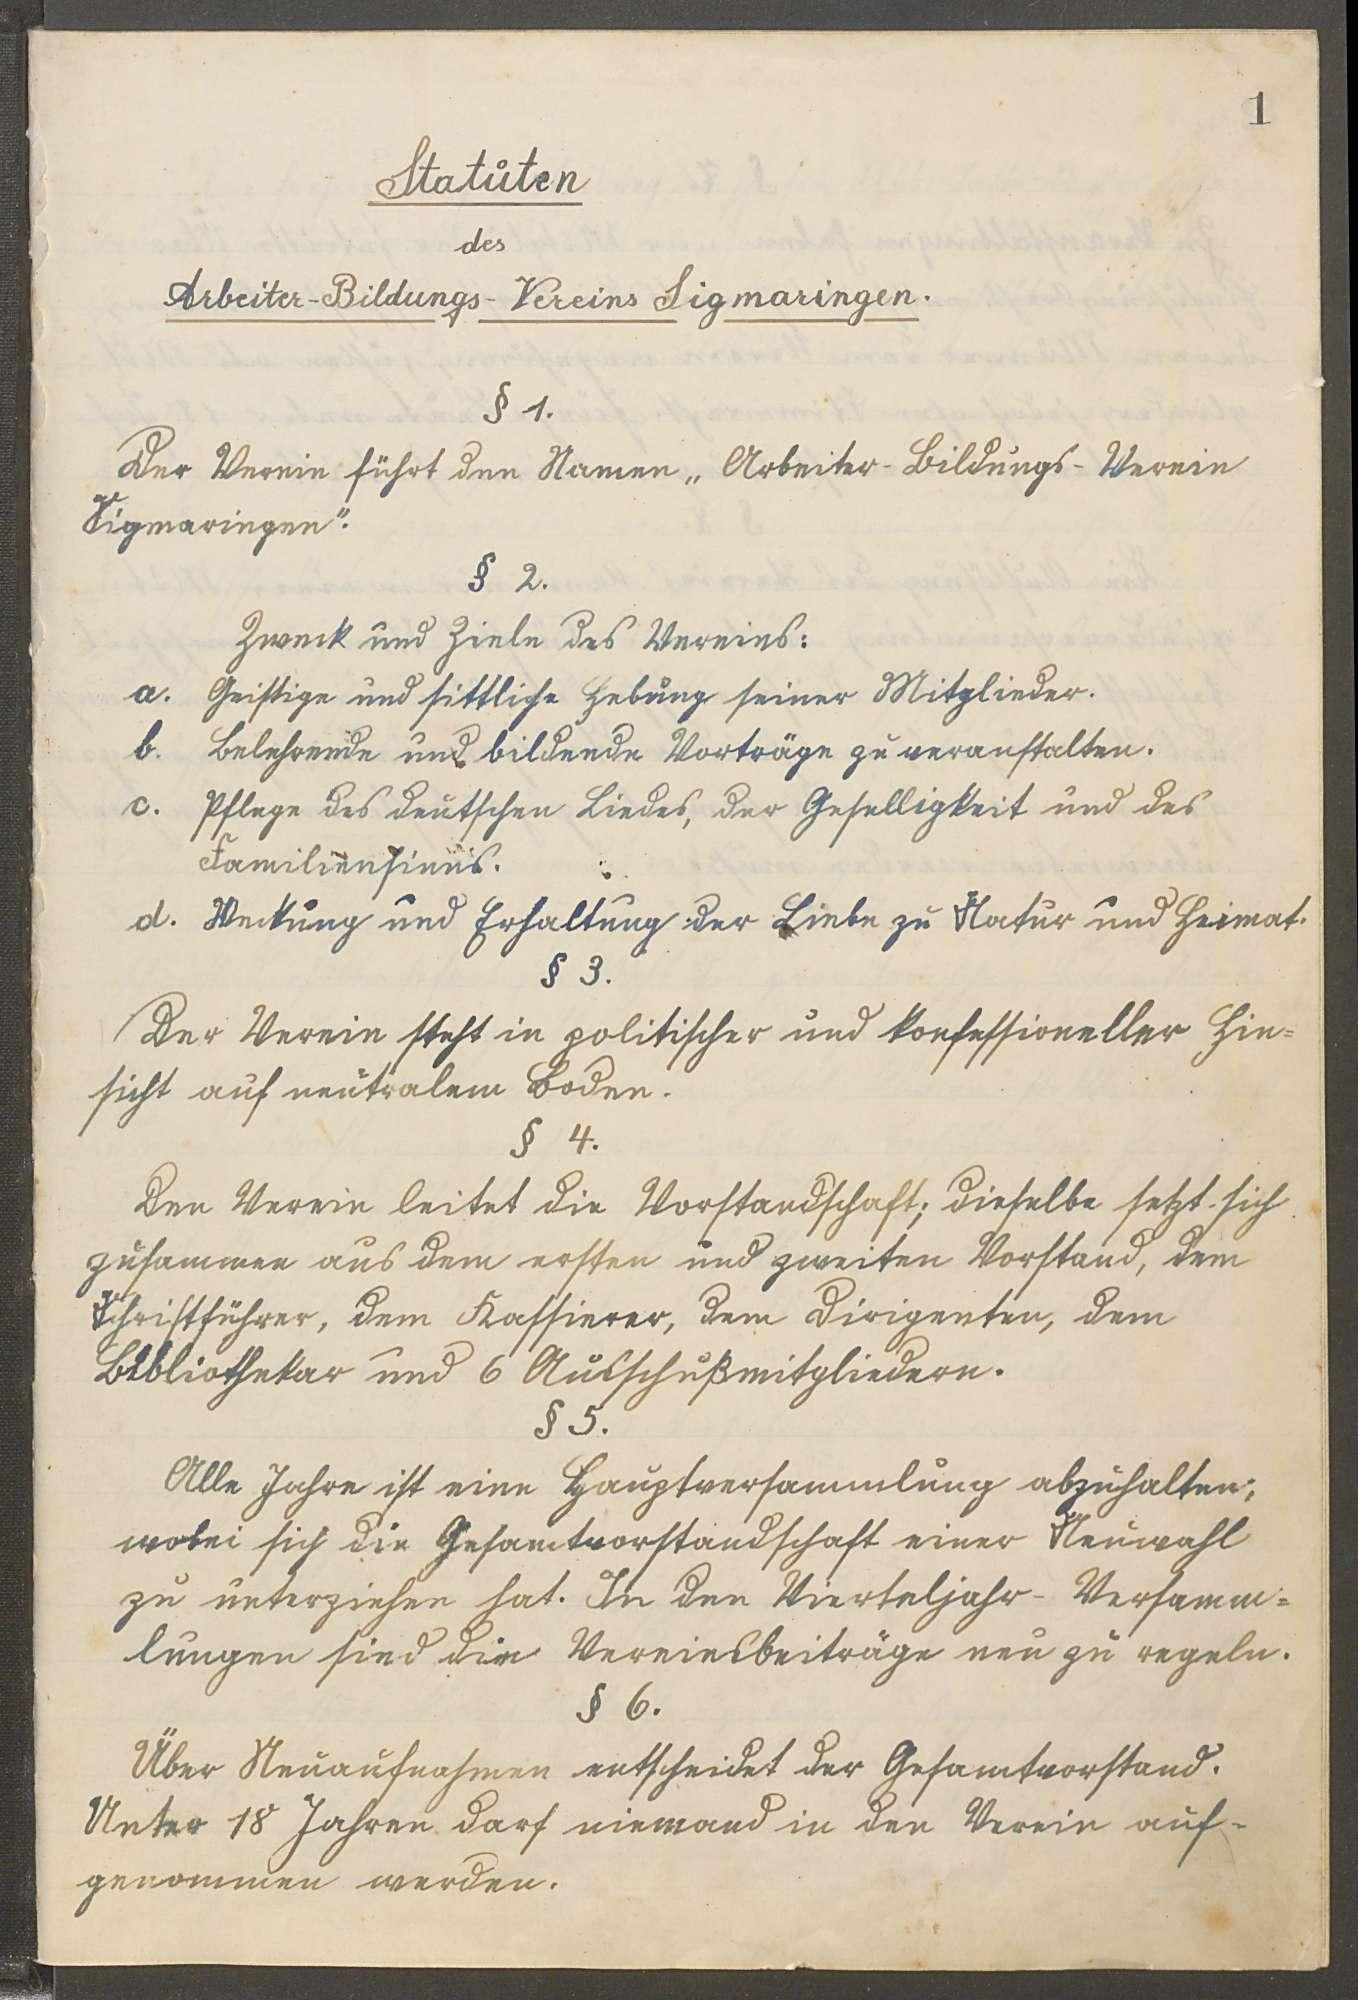 Protokollbuch des Arbeiterbildungsvereins Sigmaringen, Bild 3